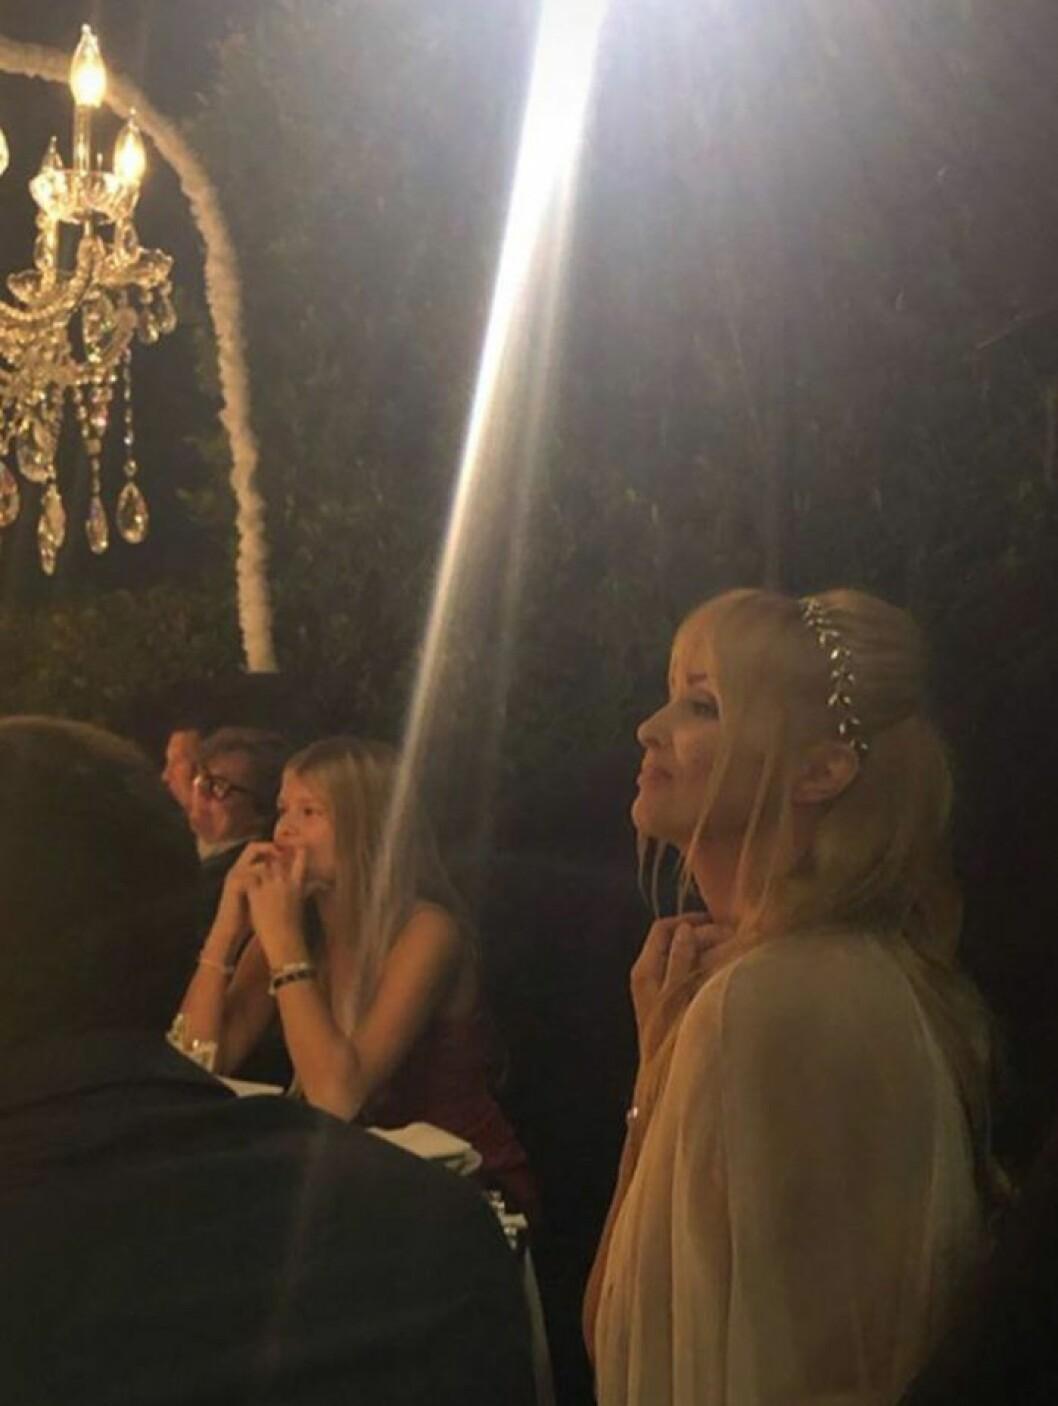 Izabella Scorupcos bröllop med Karl Rosengren i Hollywood Hills.